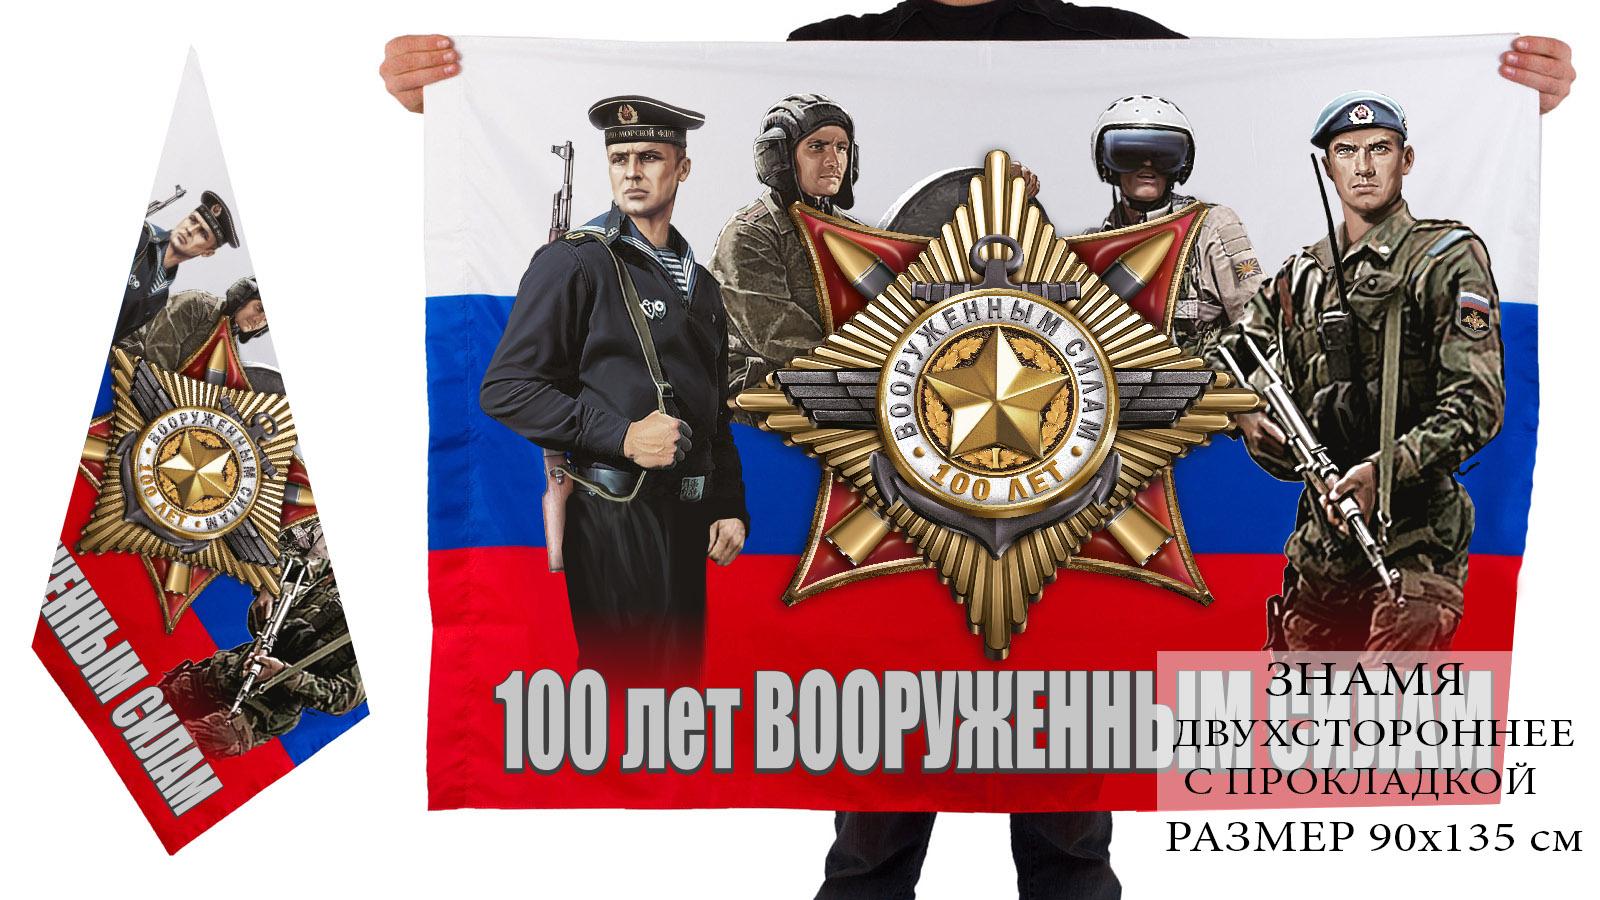 Военные флаги оптом и в розницу – стоимость производителя